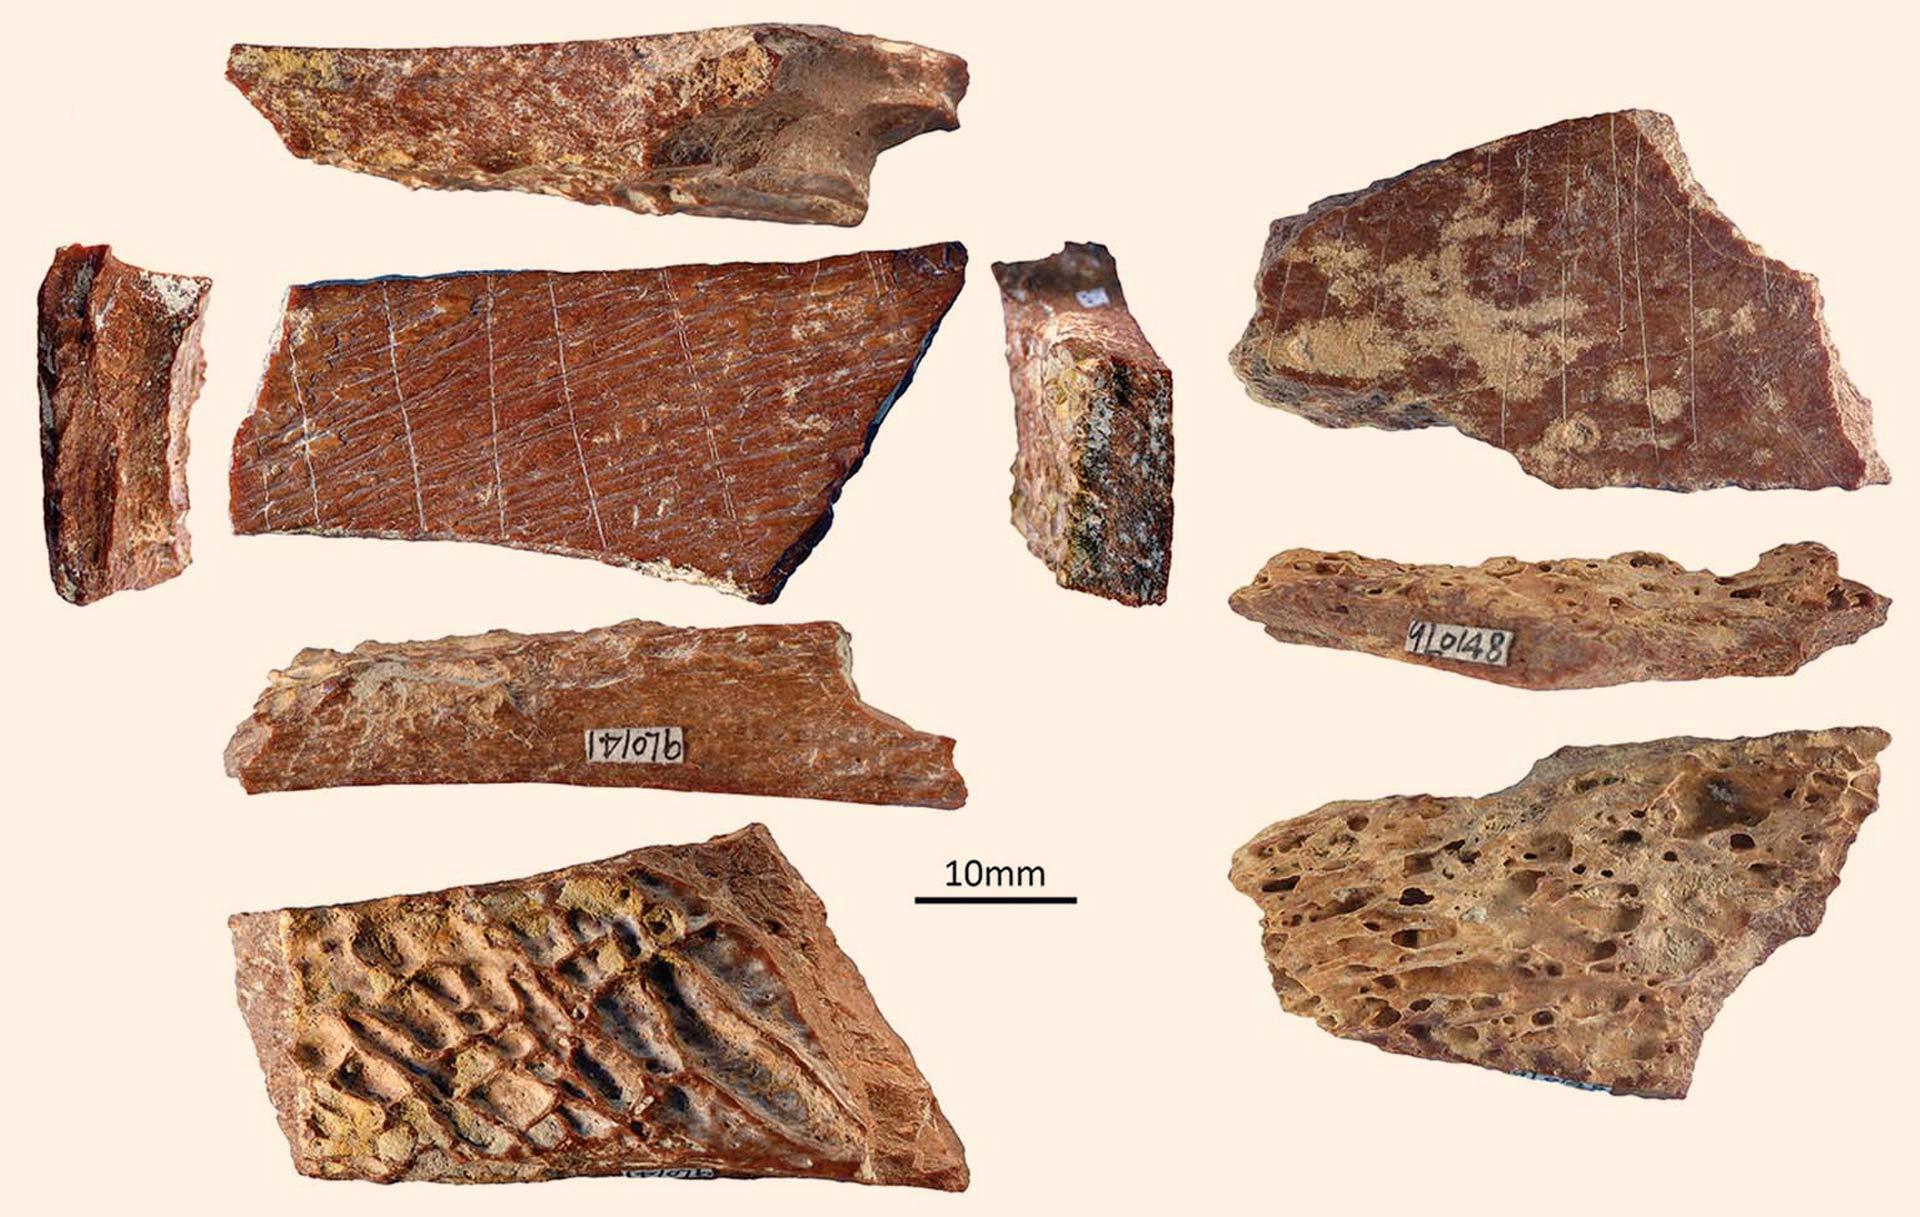 Fotografías de los dos fragmentos de hueso grabados de Lingjing, China. Crédito de la imagen: F. d'Errico & L. Doyon.